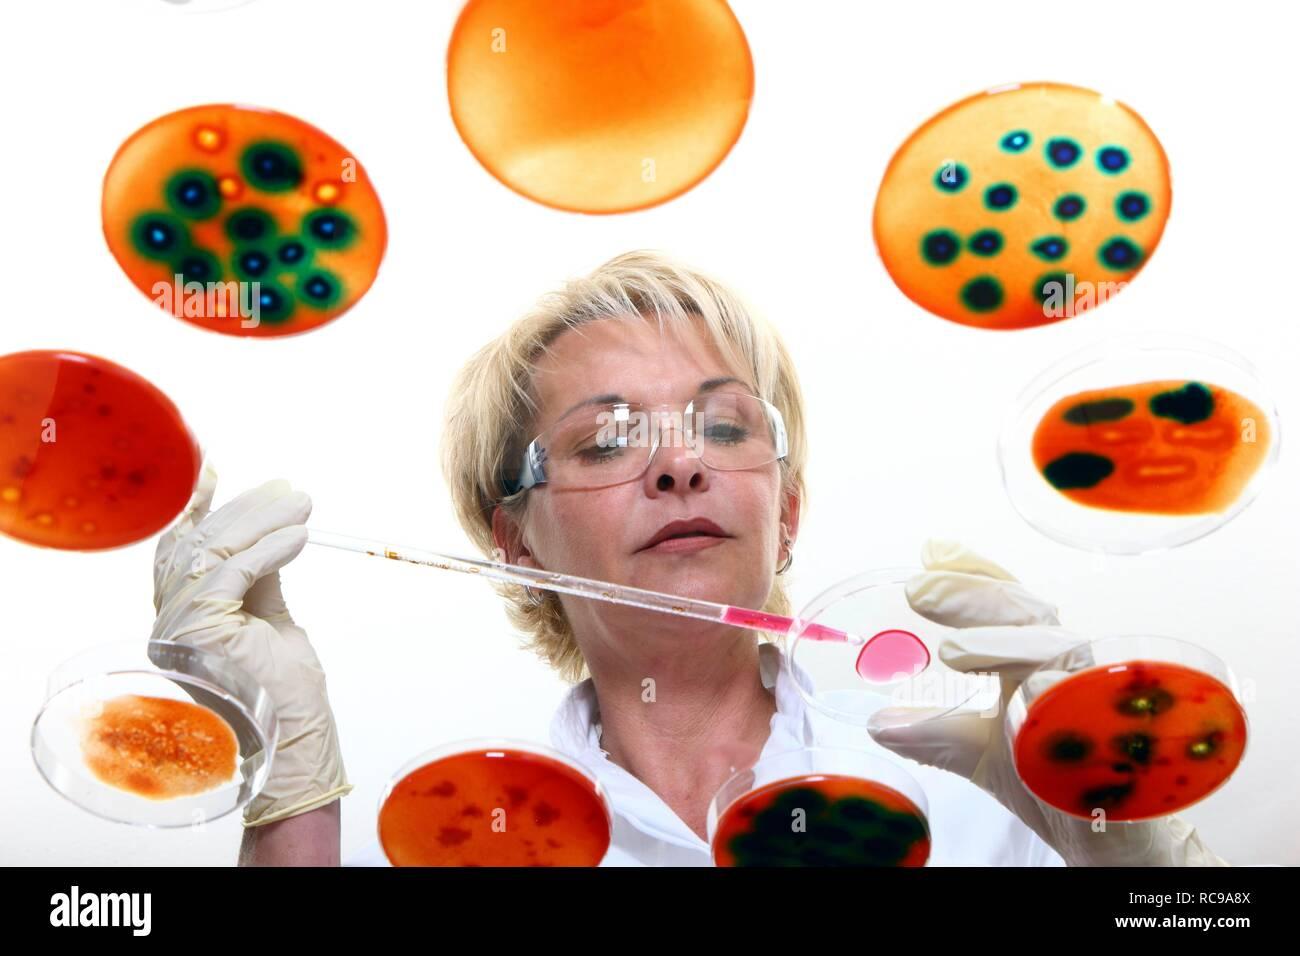 Labor Techniker arbeiten mit Bakterienkulturen in Petrischalen im Labor Stockbild